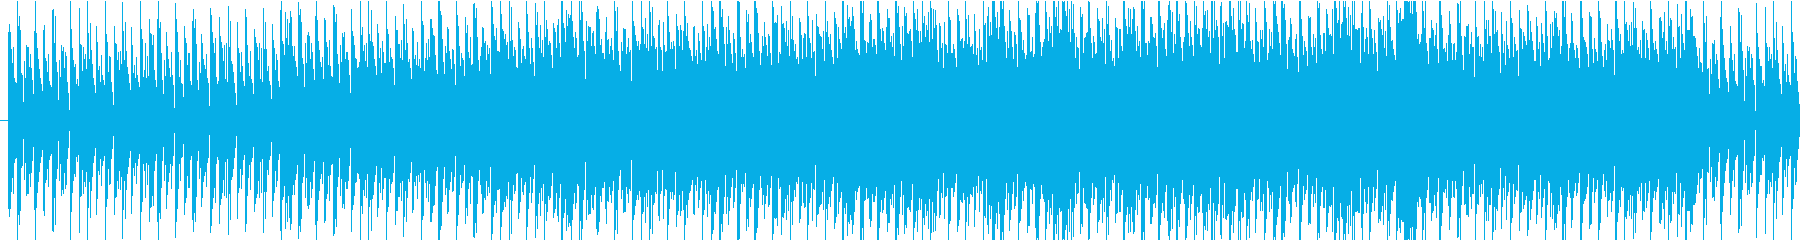 穏やかなプログレッシブハウスの再生済みの波形